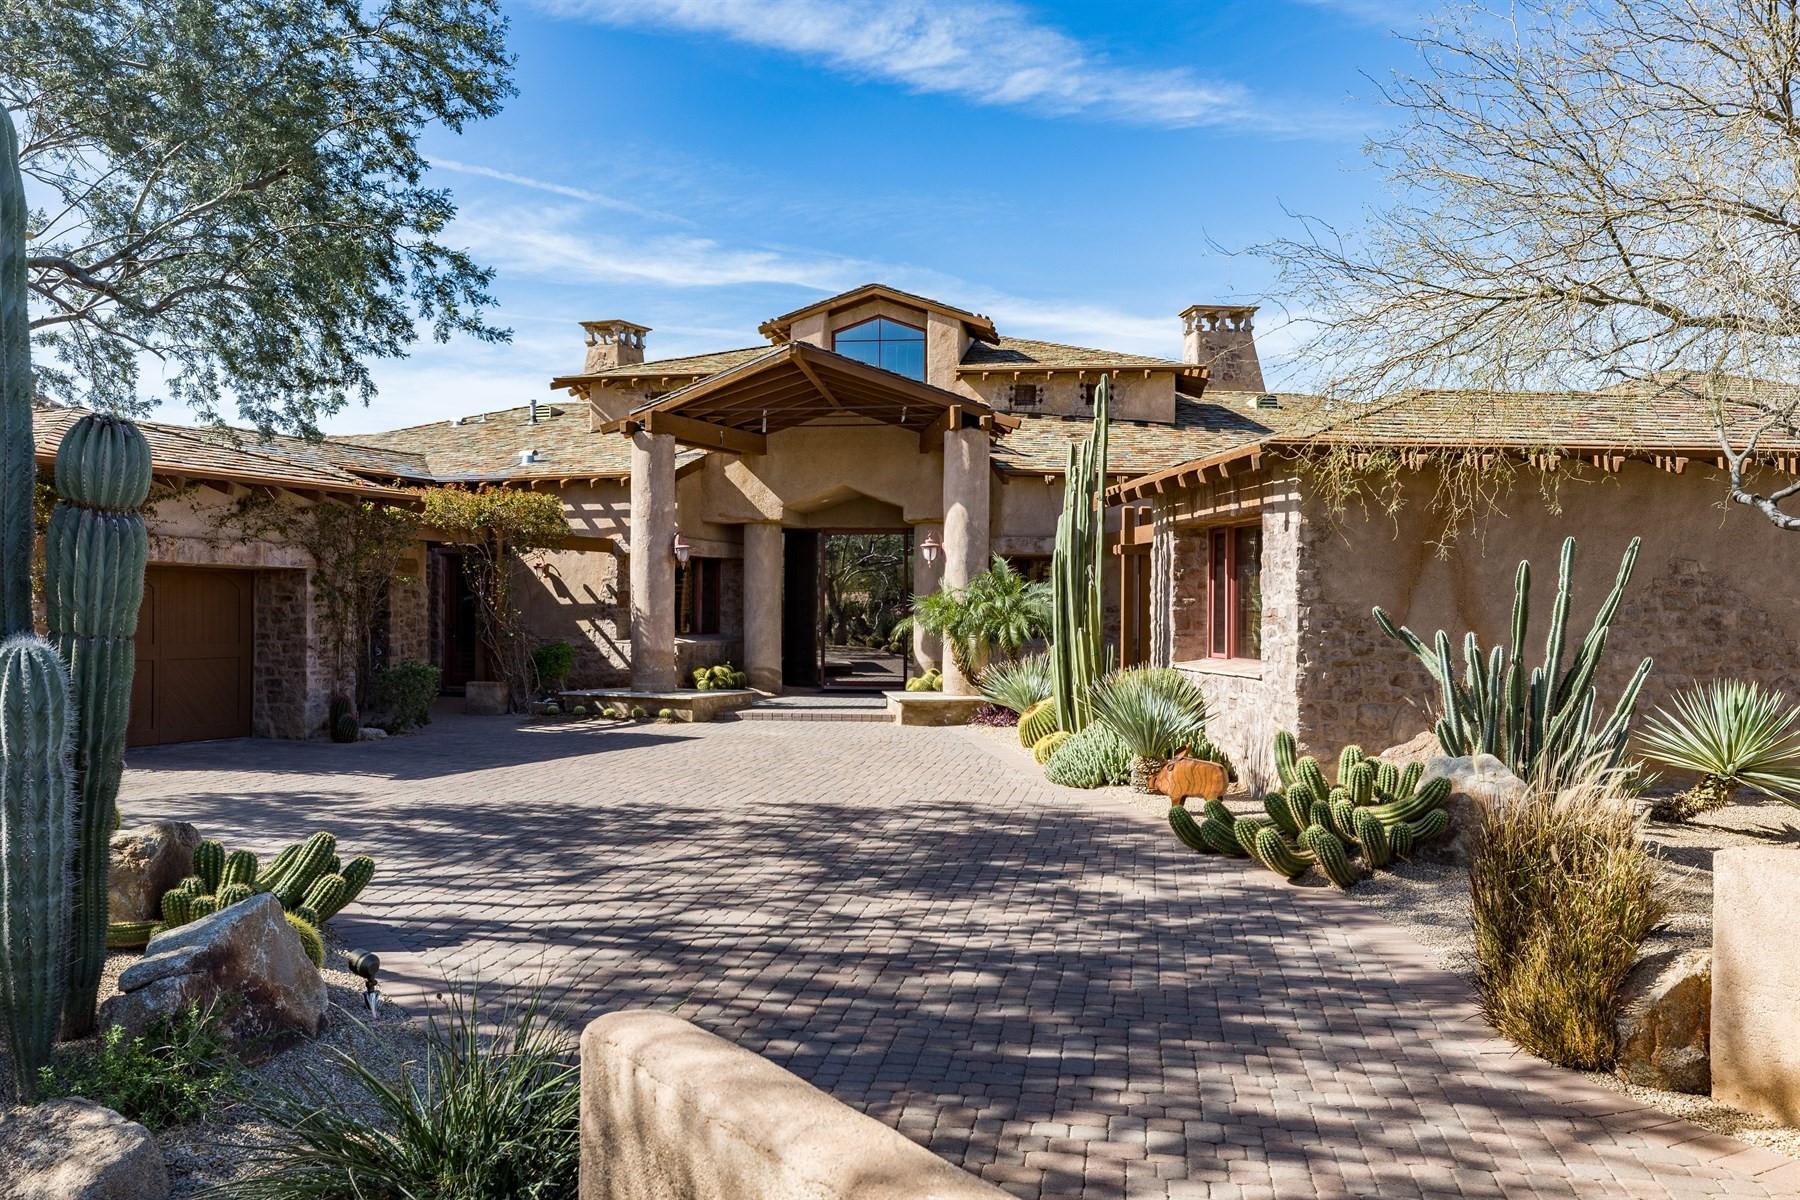 Villa per Vendita alle ore Turnkey, Furnished - LaScala Villa in world-renowned Estancia 27962 N 100TH PL 96 Scottsdale, Arizona, 85262 Stati Uniti